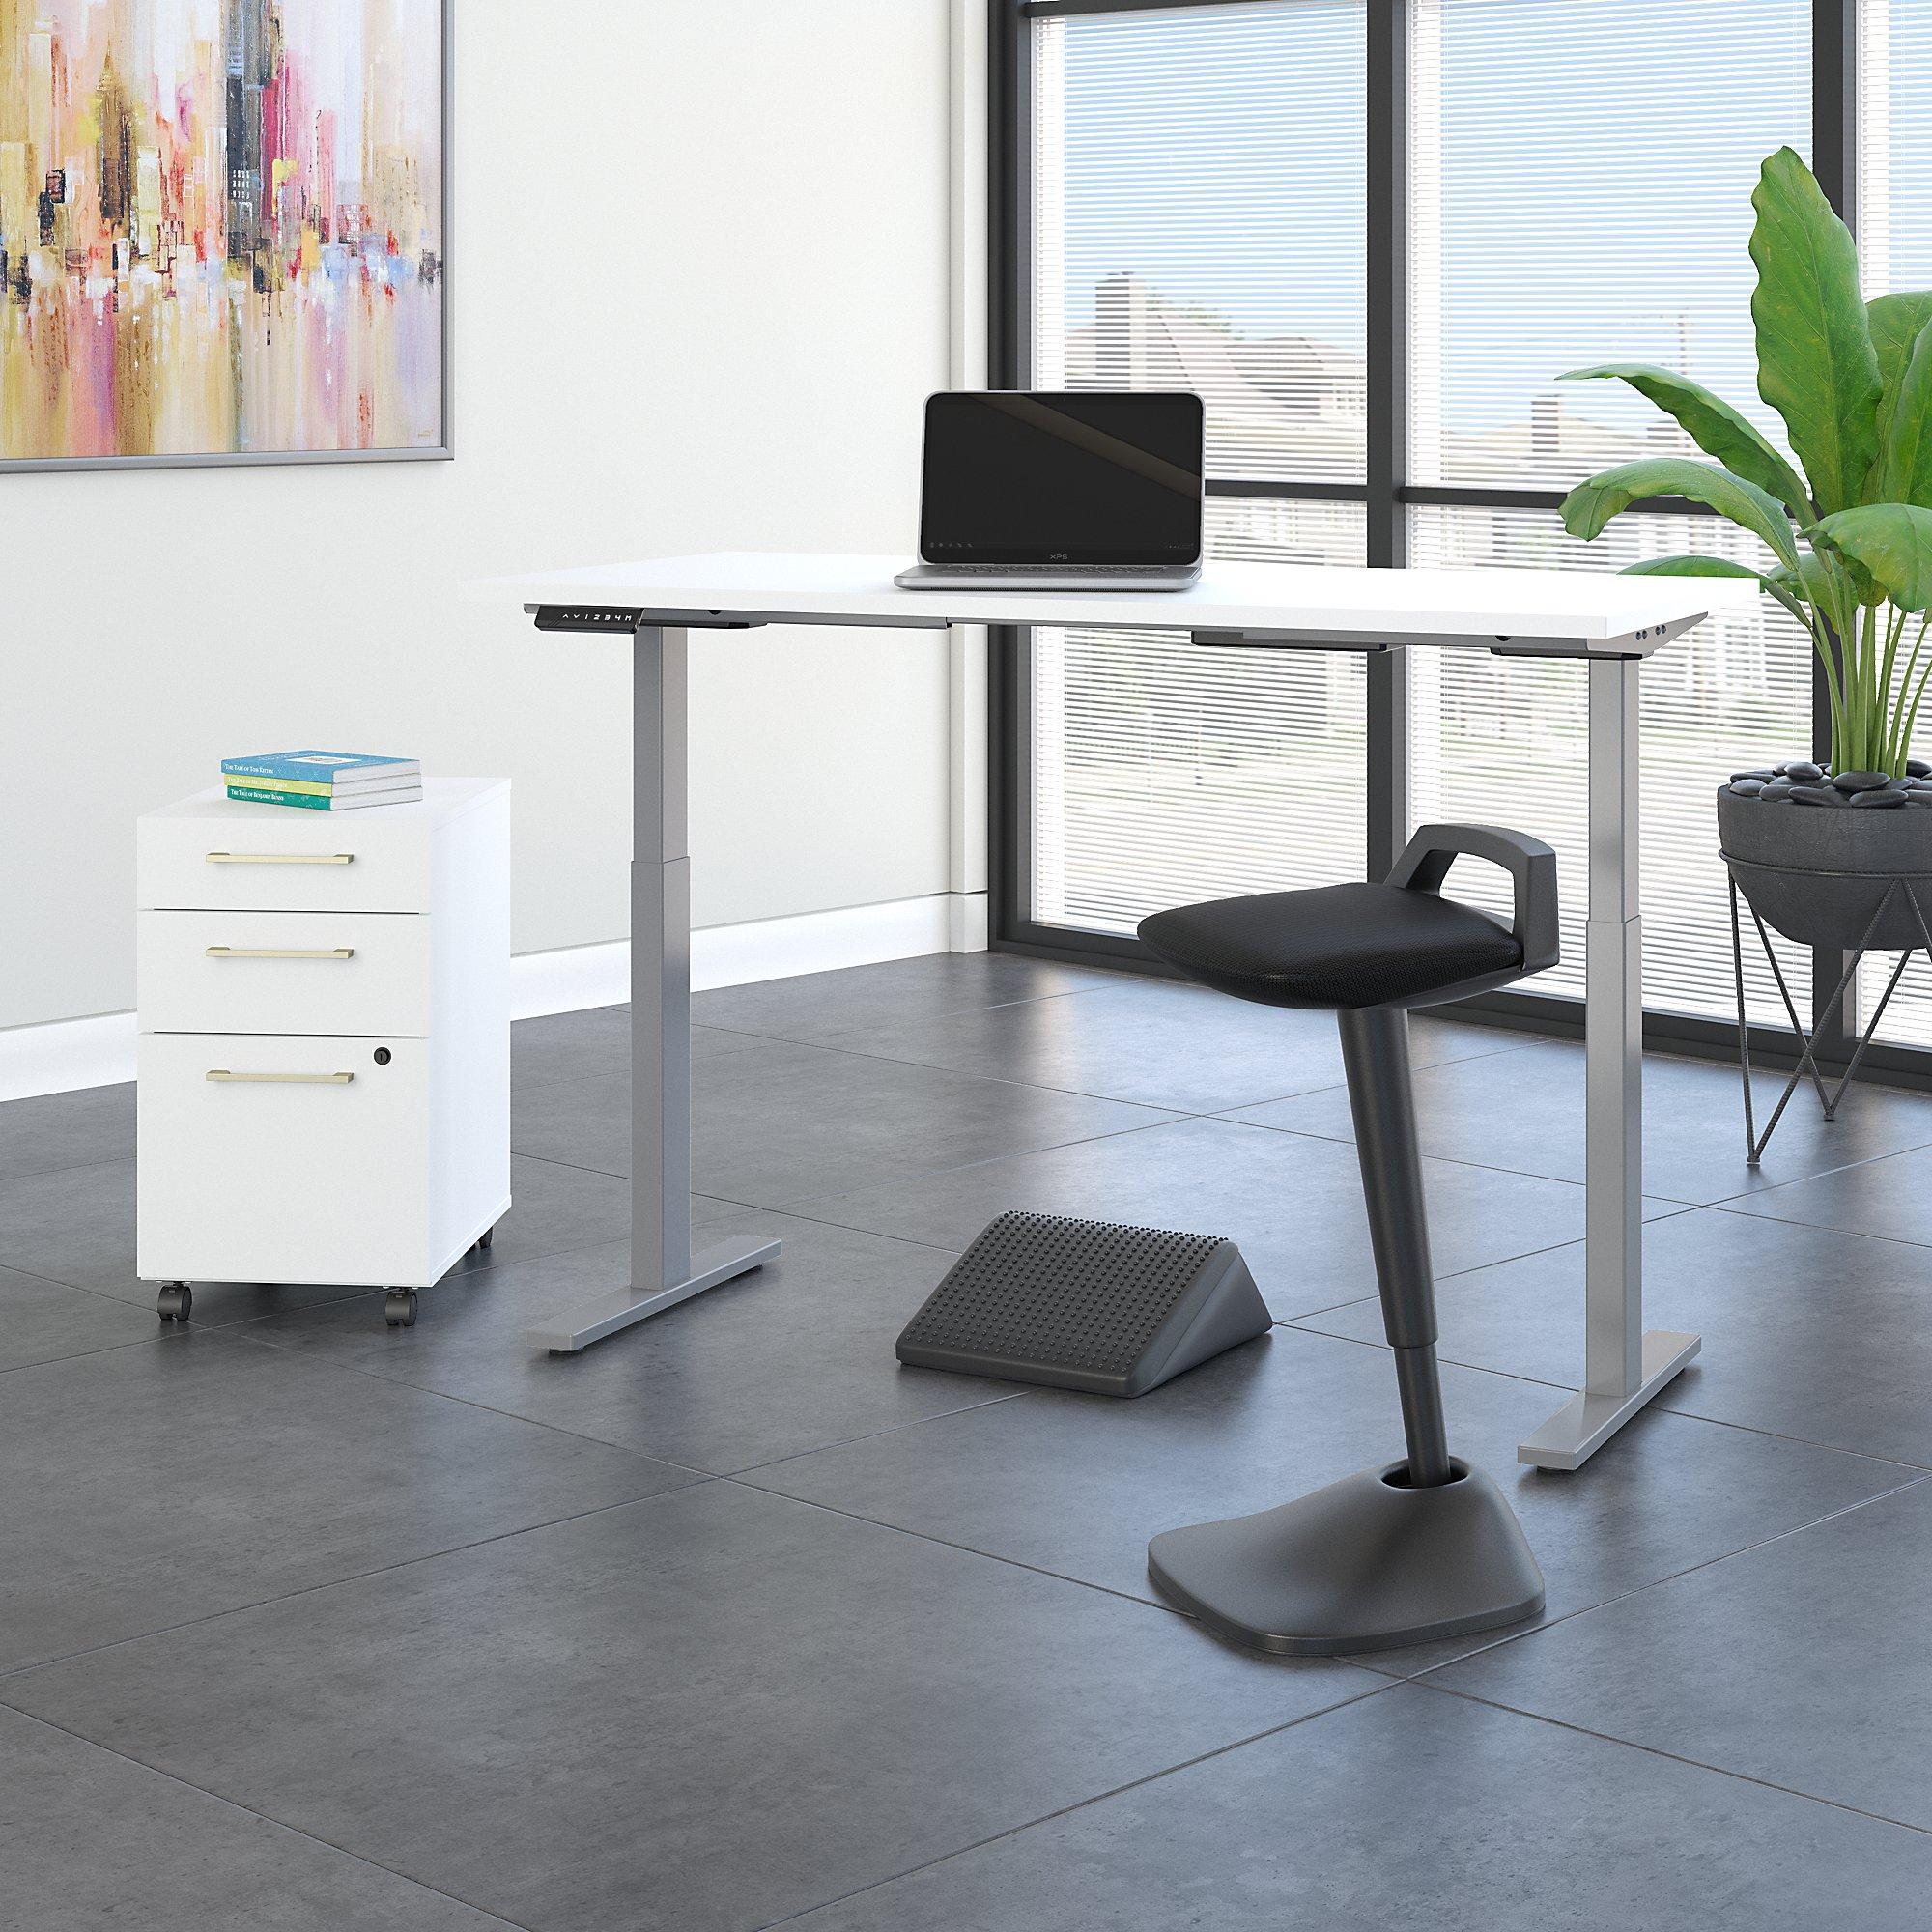 white ergonomic furniture set